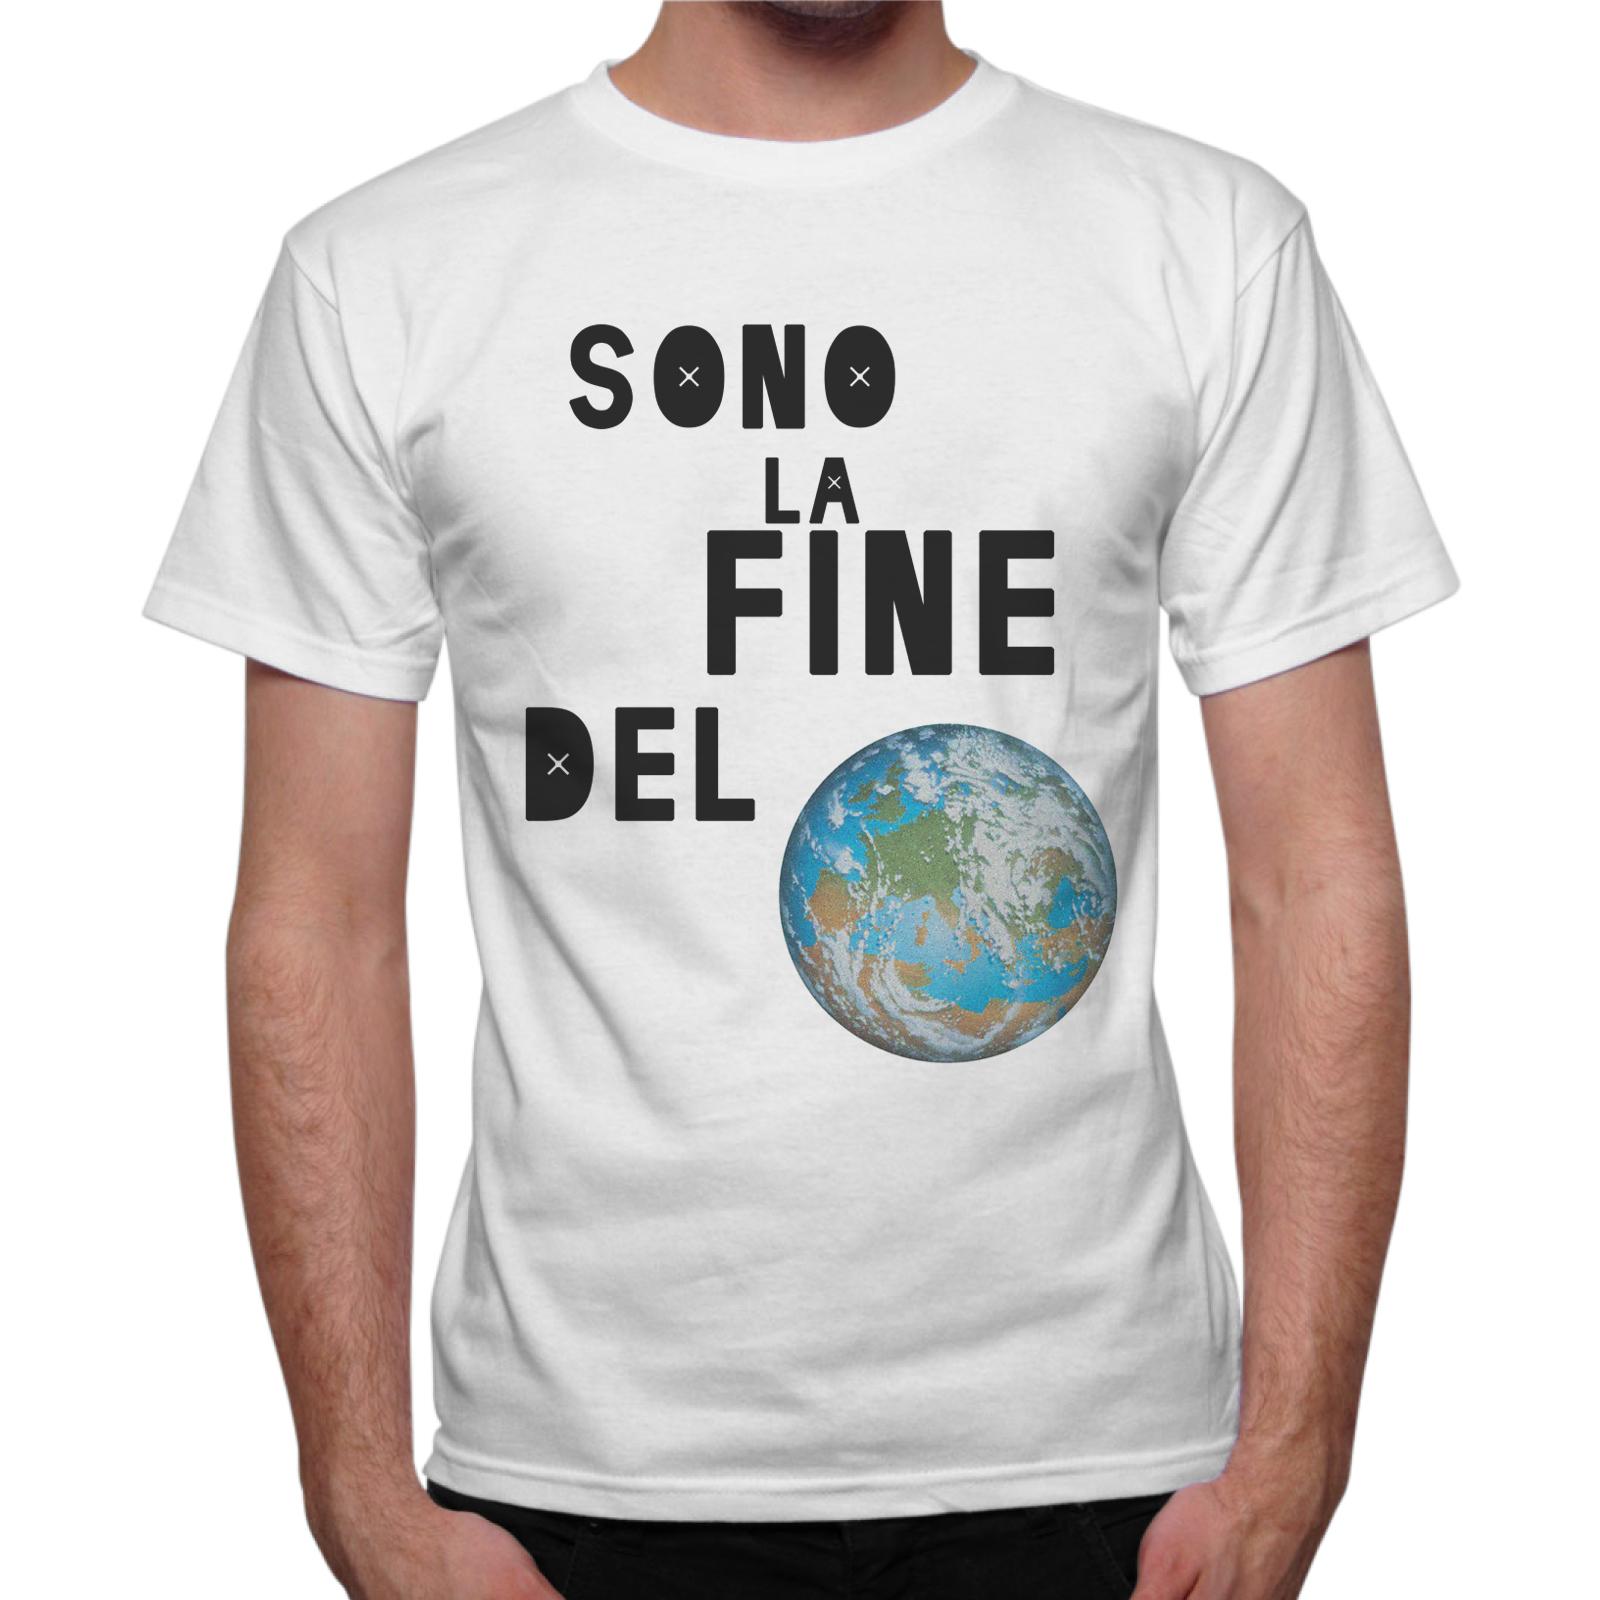 T-Shirt Uomo SONO LA FINE DEL MONDO